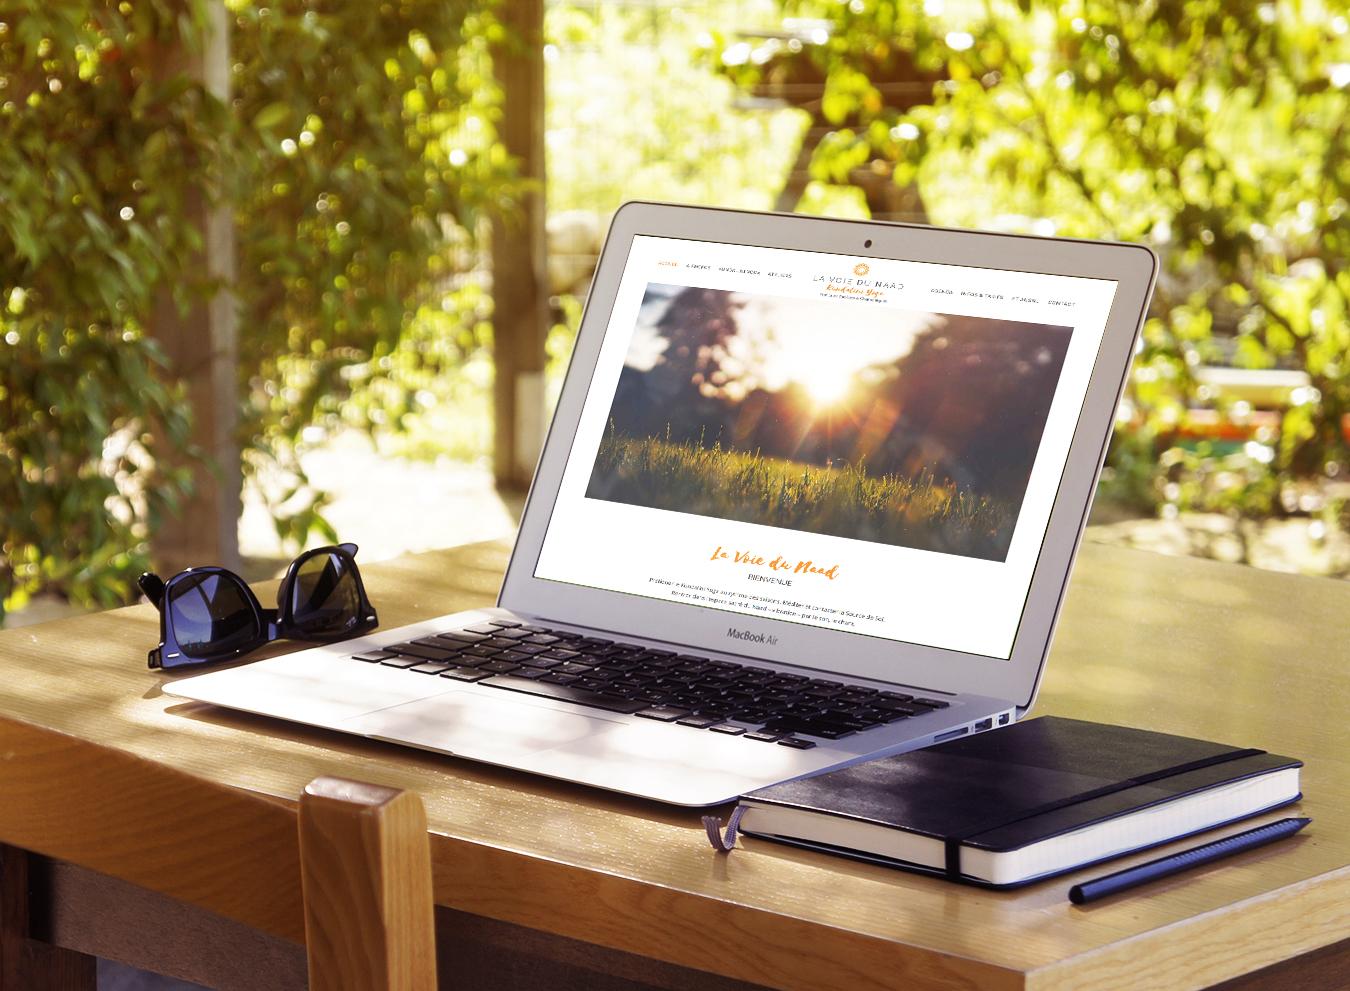 Création identité visuelle et site web - La voie du Naad